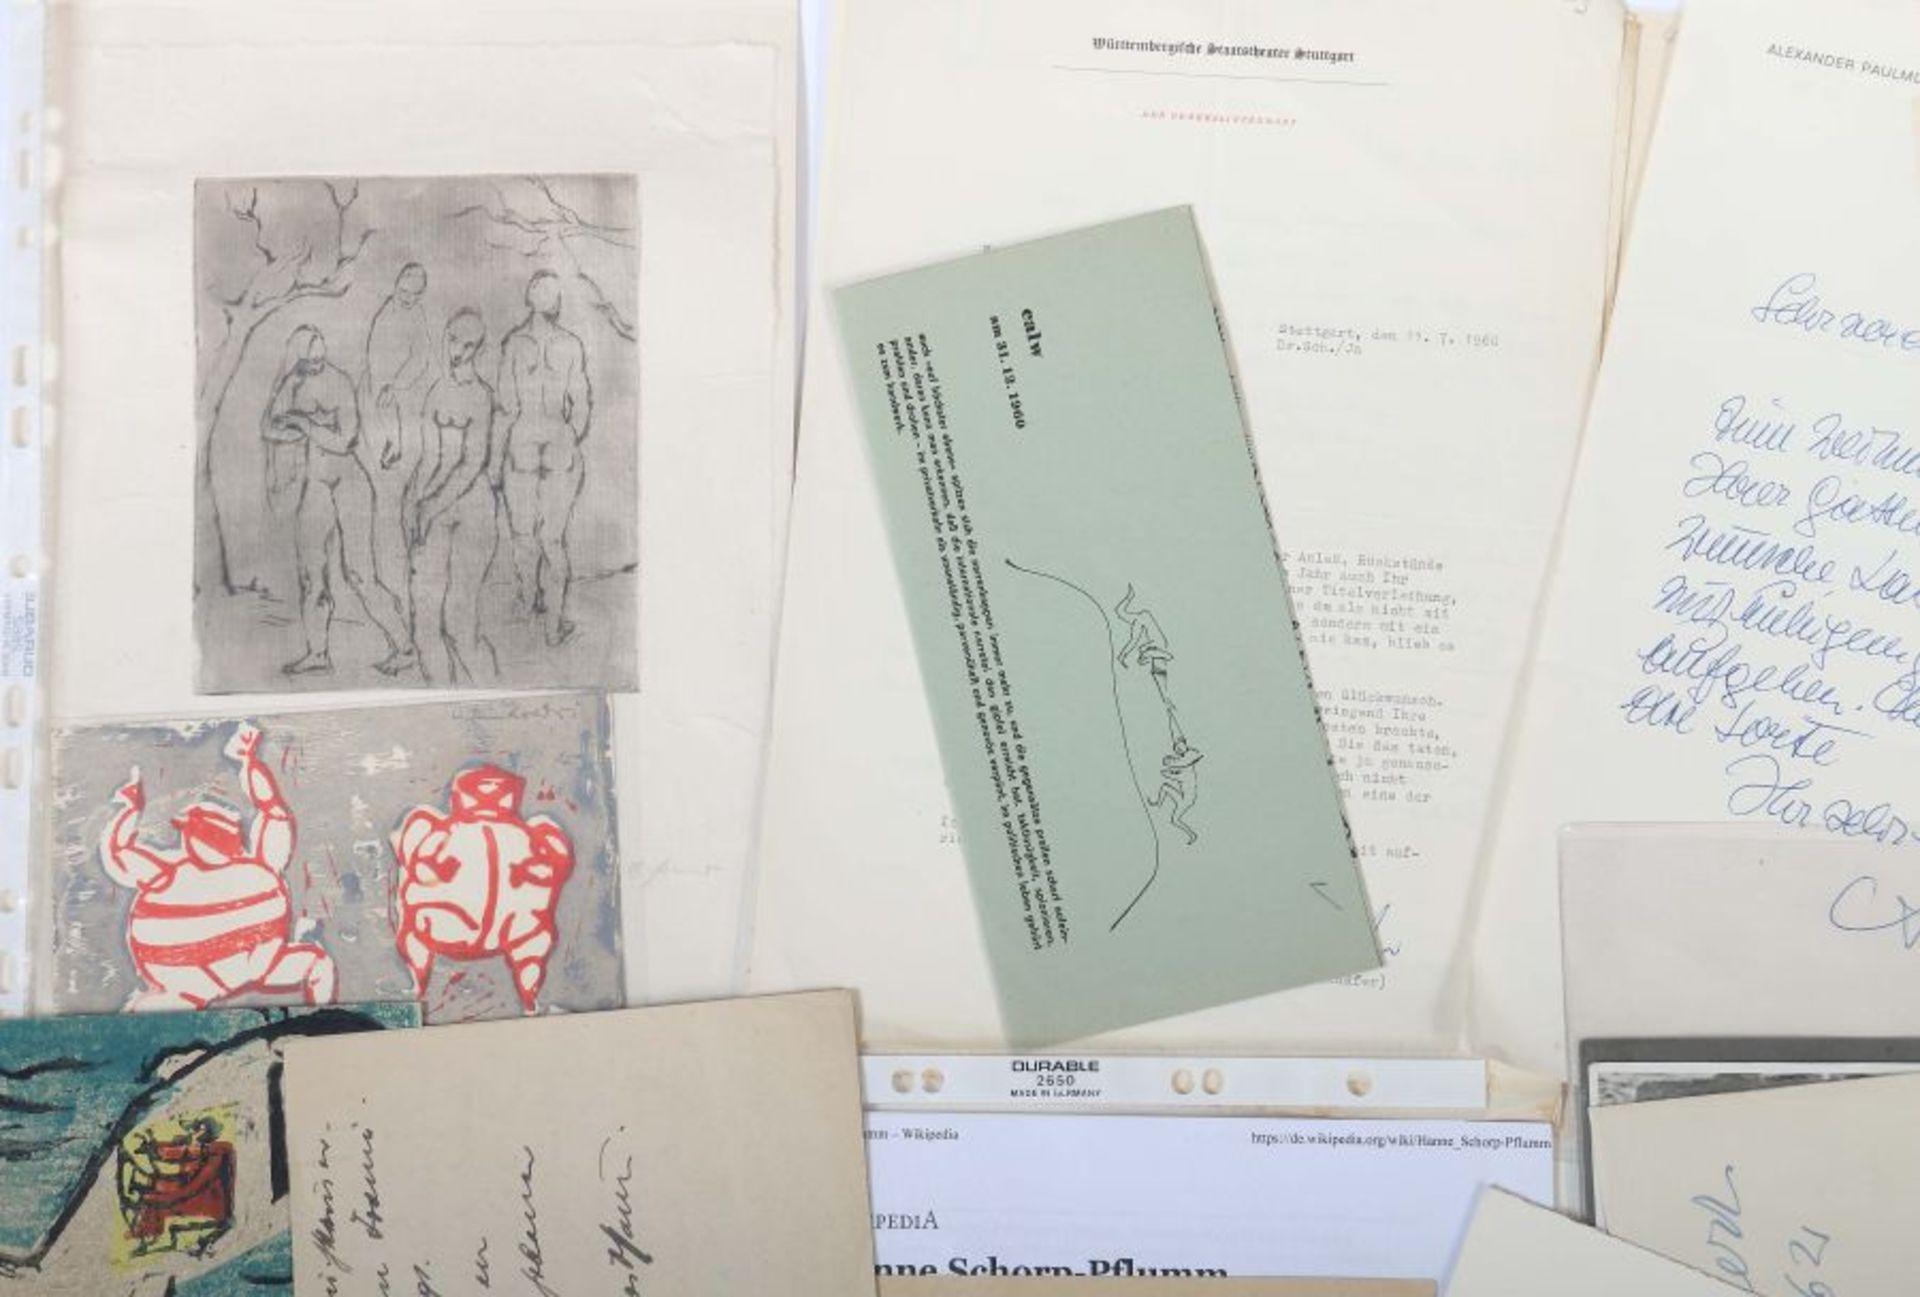 Künstlerkorrespondenzen Hand-/maschinengeschriebene Karten und Briefe u.a. von Strich-Chapell, - Bild 2 aus 5